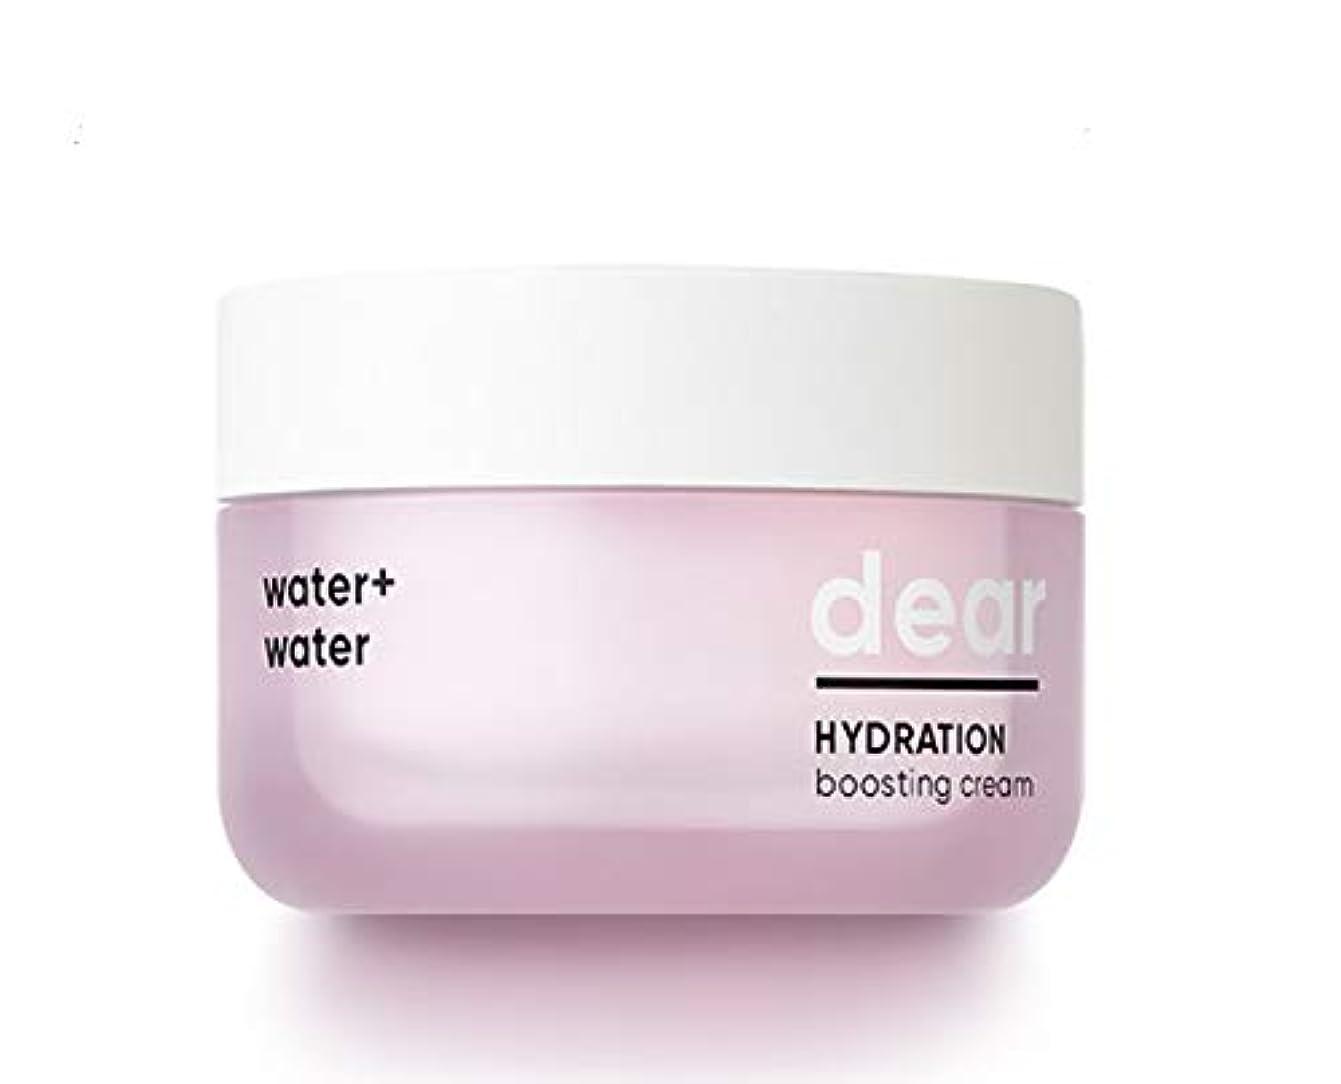 味わう数字銀[New] BANILA CO dear Hydration Boosting Cream 50ml / (Banila co) パニルラ鼻ディアハイドゥレイションブースティングクリーム50ml [並行輸入品]